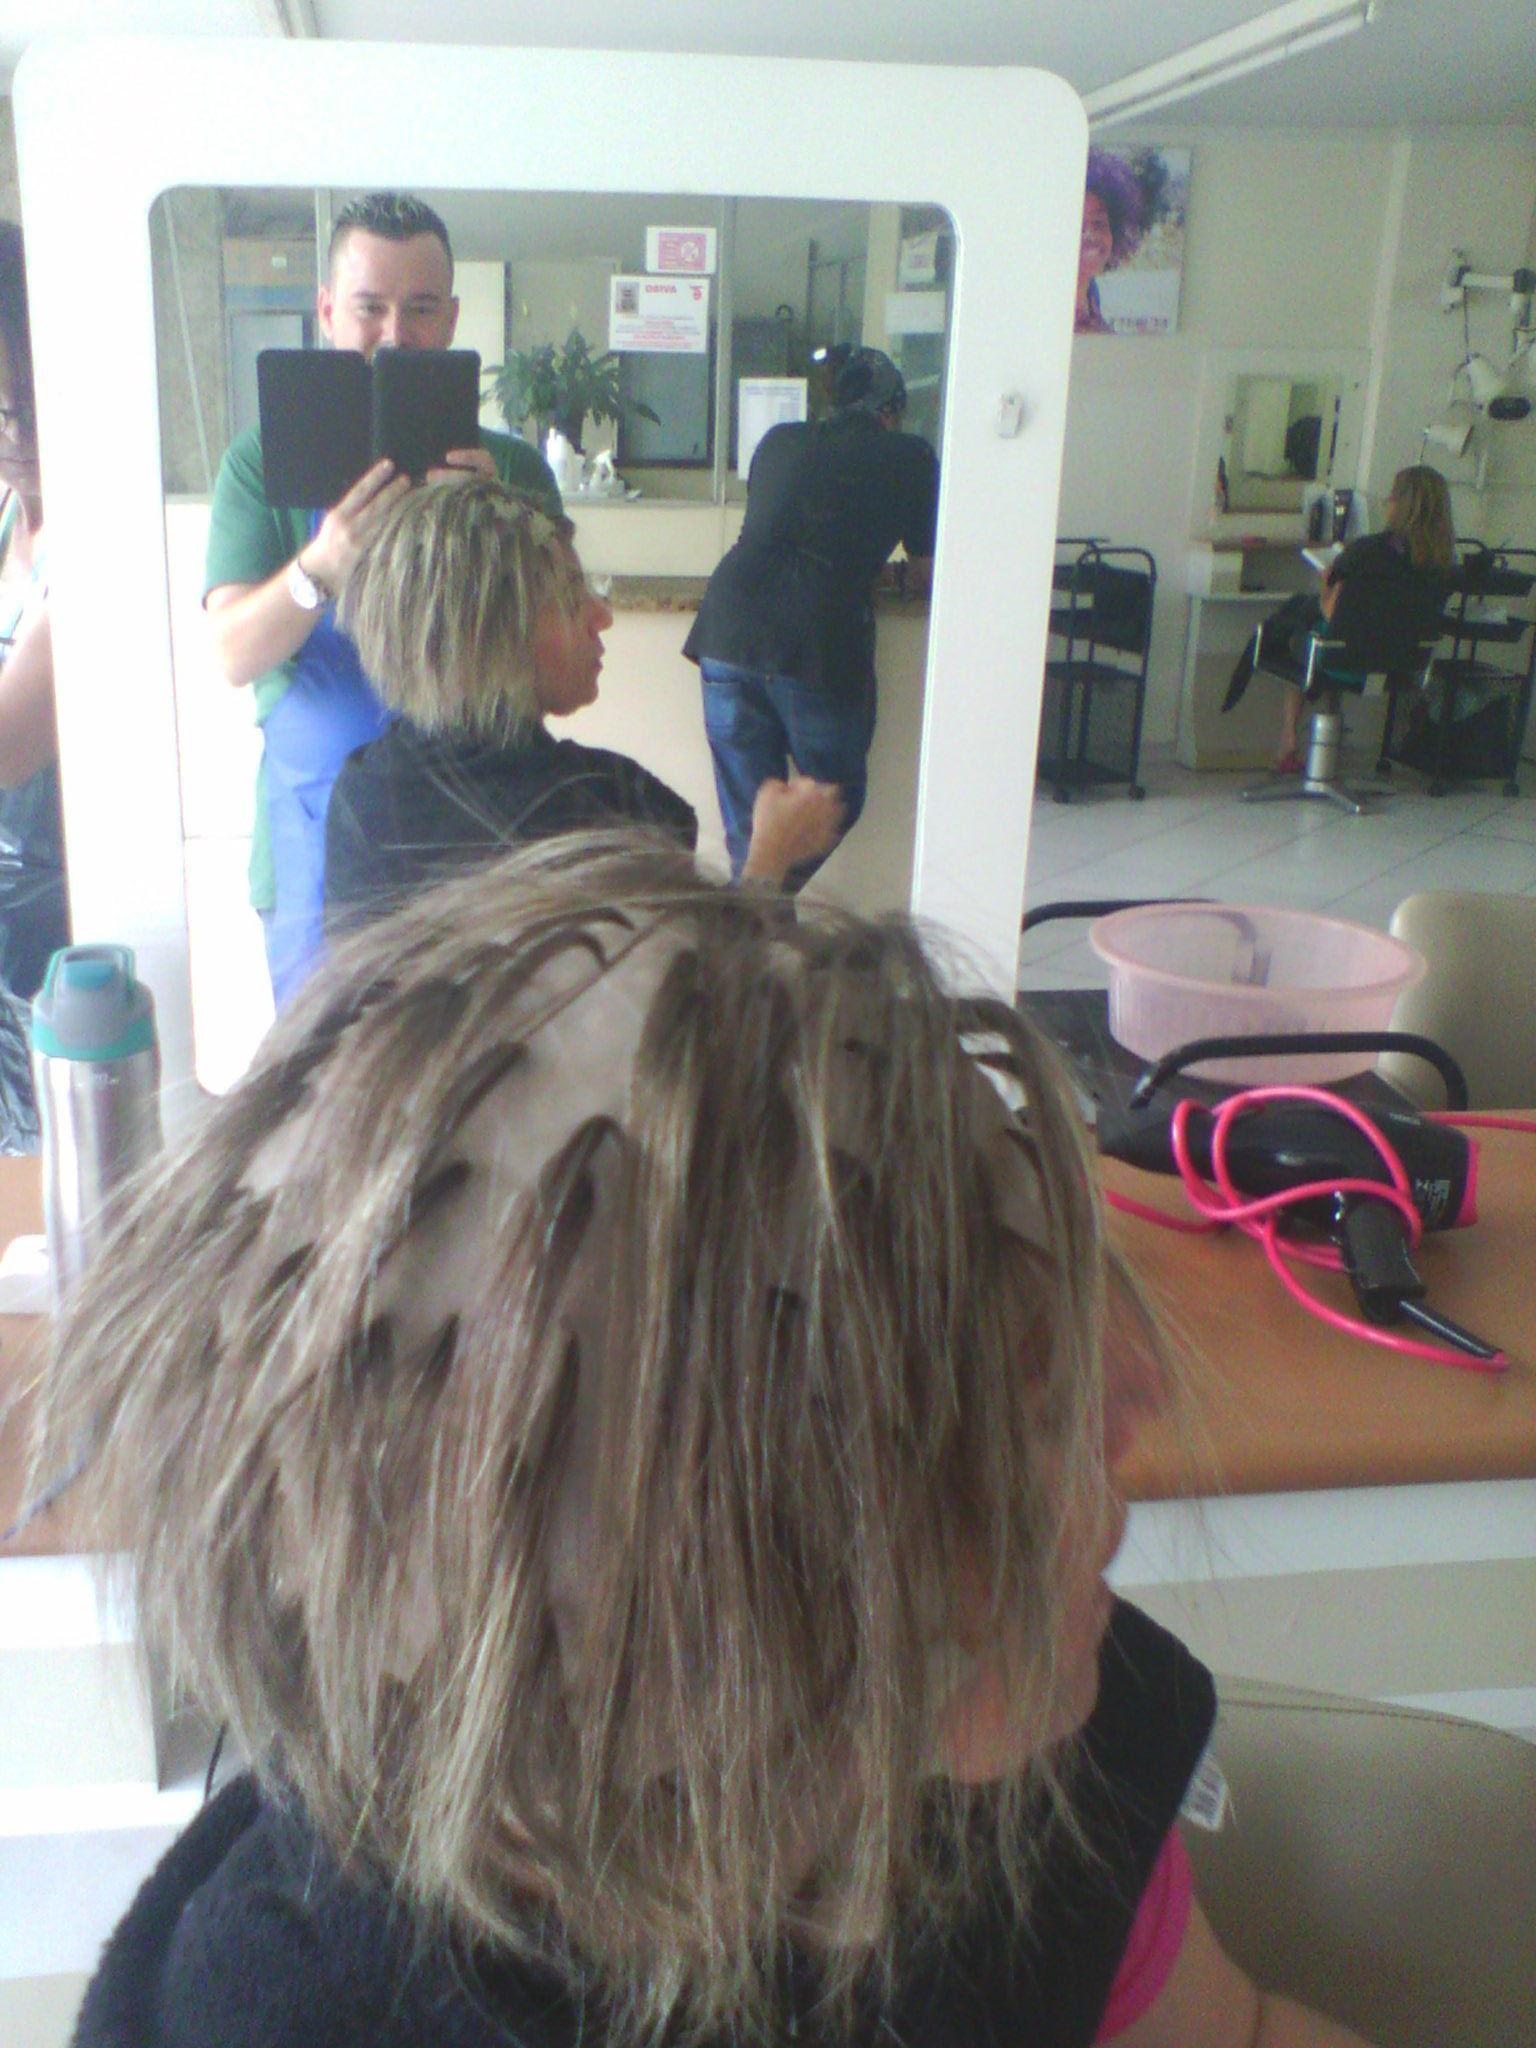 Continuação fotos em vários ângulos do processo cabelo cabeleireiro(a) barbeiro(a)